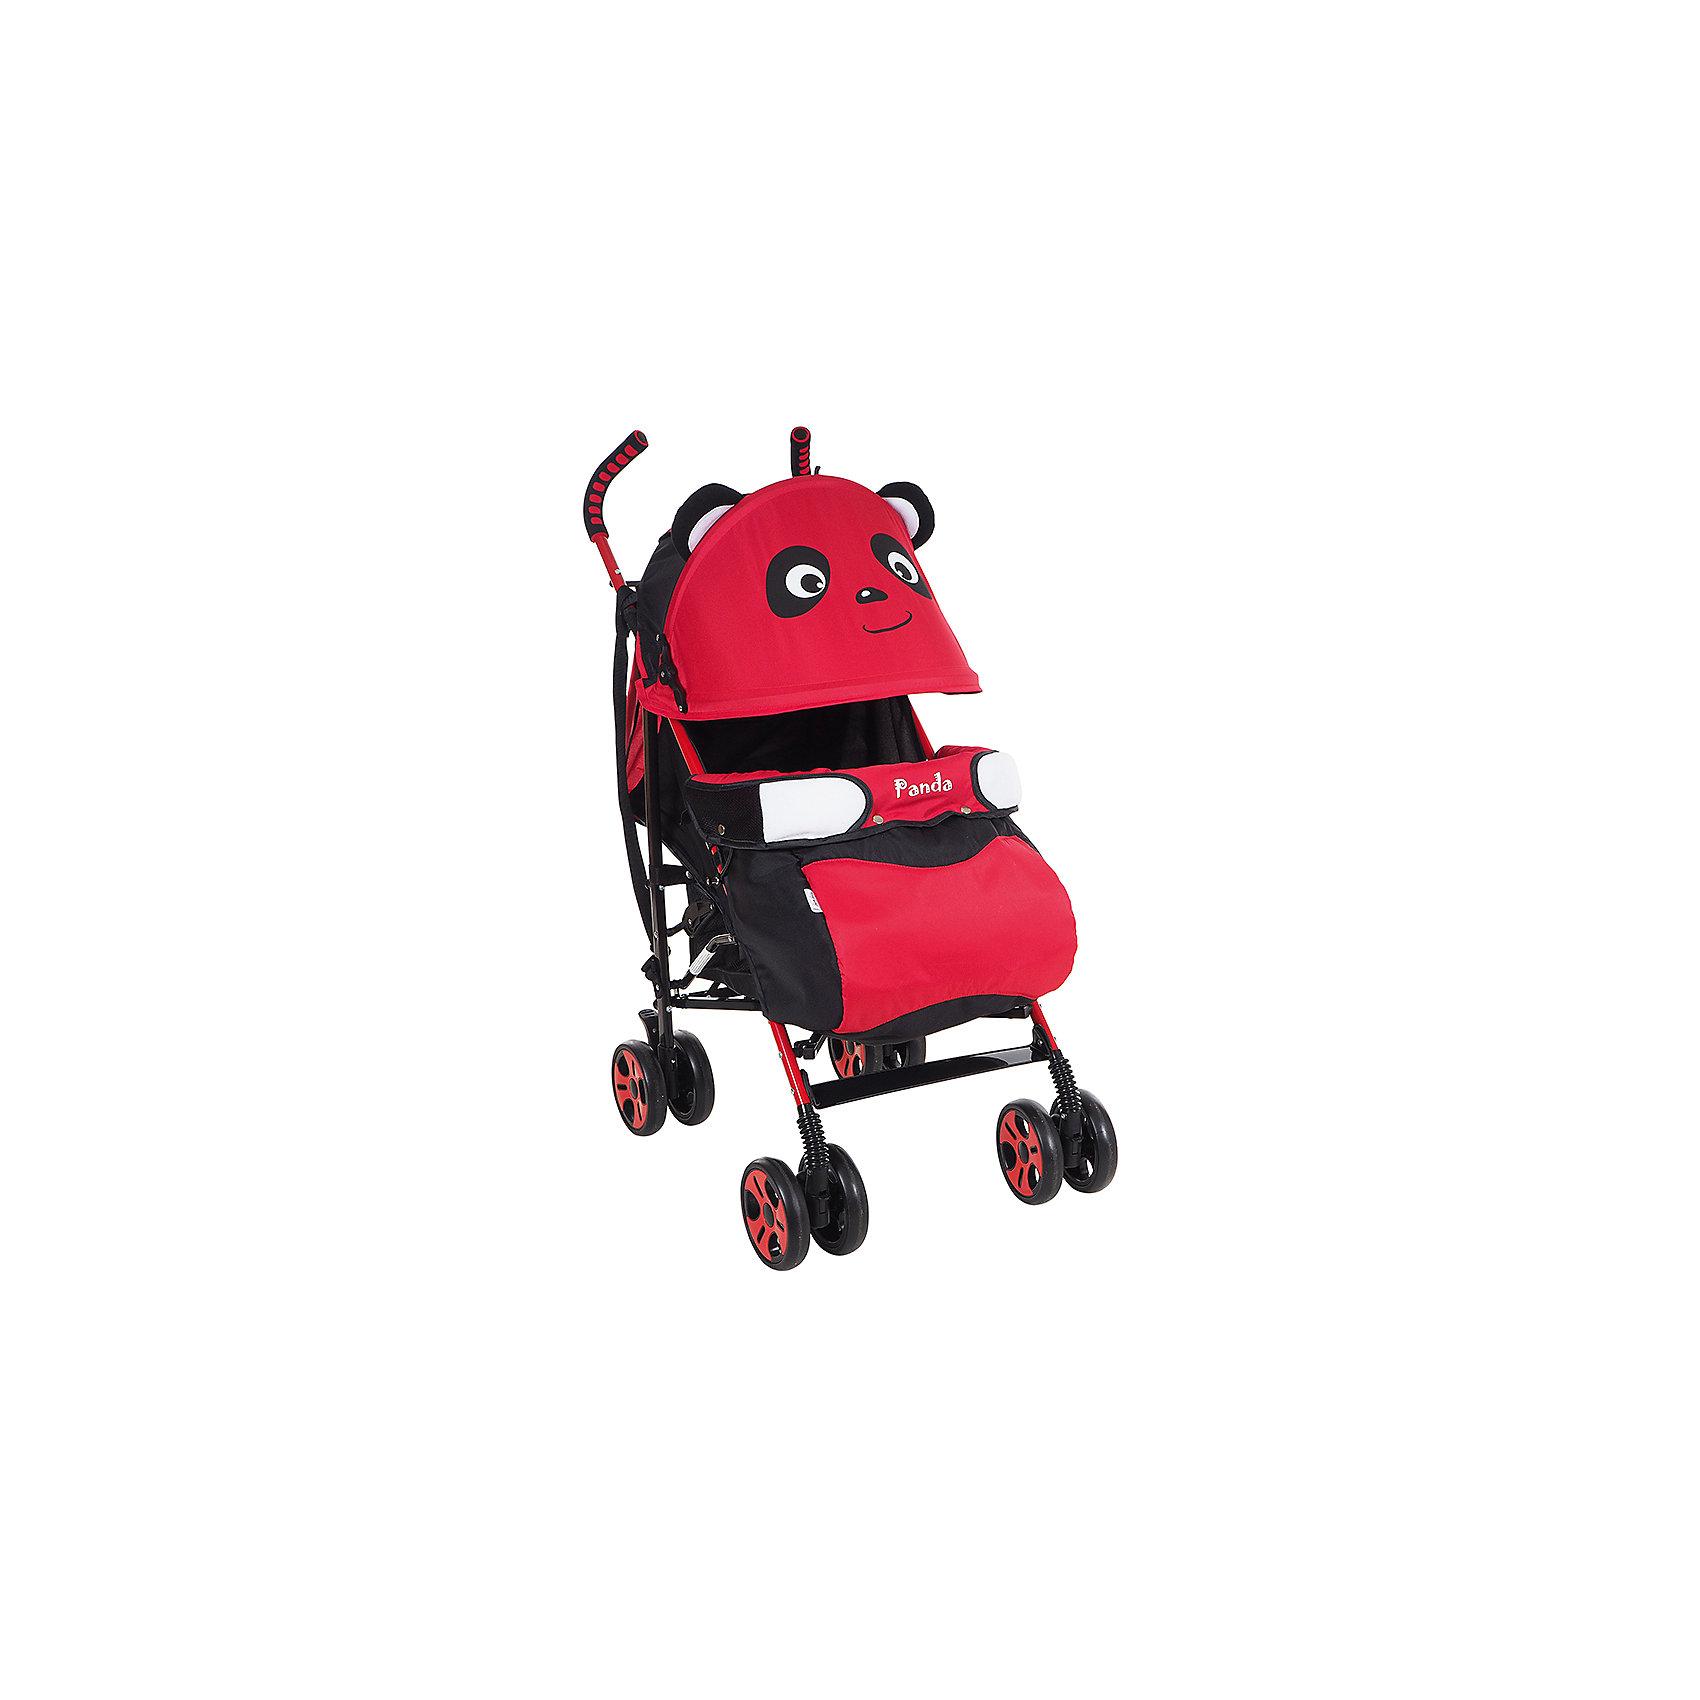 Коляска-трость Bambola Panda, красныйНедорогие коляски<br>Характеристики коляски-трости Bambola Panda<br><br>Прогулочный блок:<br><br>• спинка регулируется в нескольких положениях, угол наклона 170 градусов;<br>• регулируется подножка, 2 положения;<br>• страховочный бампер зафиксирован, имеется мягкий разделитель для ножек;<br>• дополнительная секция на капюшоне, смотровое окошко, москитная сетка;<br>• капюшон опускается до бампера;<br>• 3-х точечные ремни безопасности;<br>• чехол для ножек входит в комплект.<br><br>Шасси коляски:<br><br>• сдвоенные колеса: передние поворотные, задние с тормозом;<br>• съемные колеса;<br>• диаметр колес: 15,5 см;<br>• дополнительная пластиковая гибкая подножка для подросшего малыша;<br>• амортизация;<br>• механизм складывания: трость;<br>• материал: алюминий, пластик, полиэстер.<br><br>Размер коляски: 80х50х104 см<br>Размер коляски в сложенном виде: 33х26х102 см<br>Вес коляски: 7 кг<br>Вес упаковки: 7,75 кг<br><br>Коляску-трость Panda, Bambola, красный цвет можно купить в нашем интернет-магазине.<br><br>Ширина мм: 330<br>Глубина мм: 260<br>Высота мм: 1020<br>Вес г: 7750<br>Возраст от месяцев: 6<br>Возраст до месяцев: 36<br>Пол: Унисекс<br>Возраст: Детский<br>SKU: 5559167